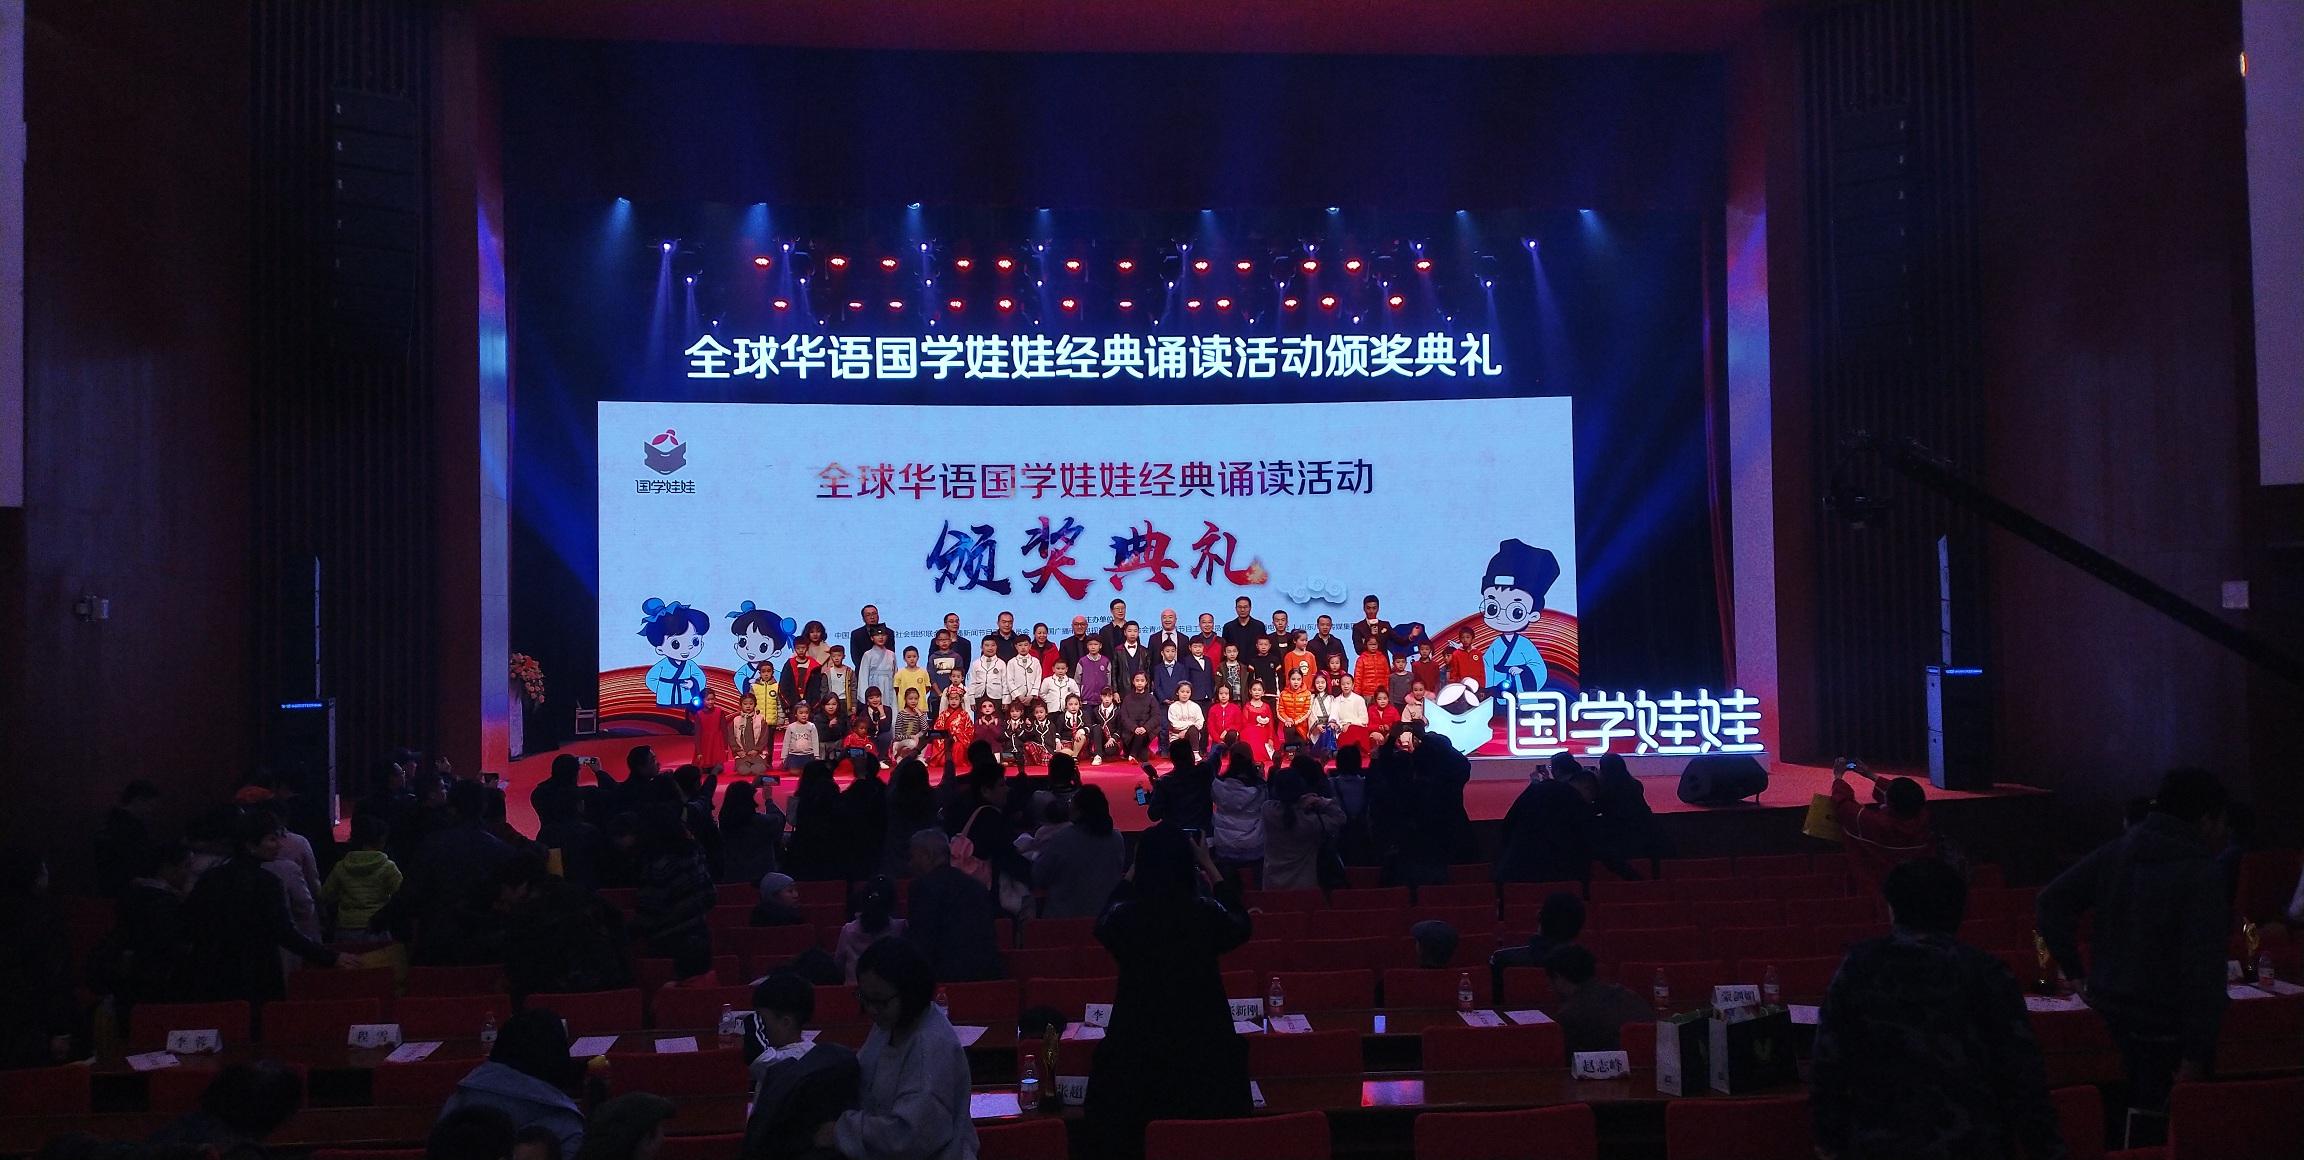 全球华语国学娃娃经典诵读活动颁奖典礼圆满落幕